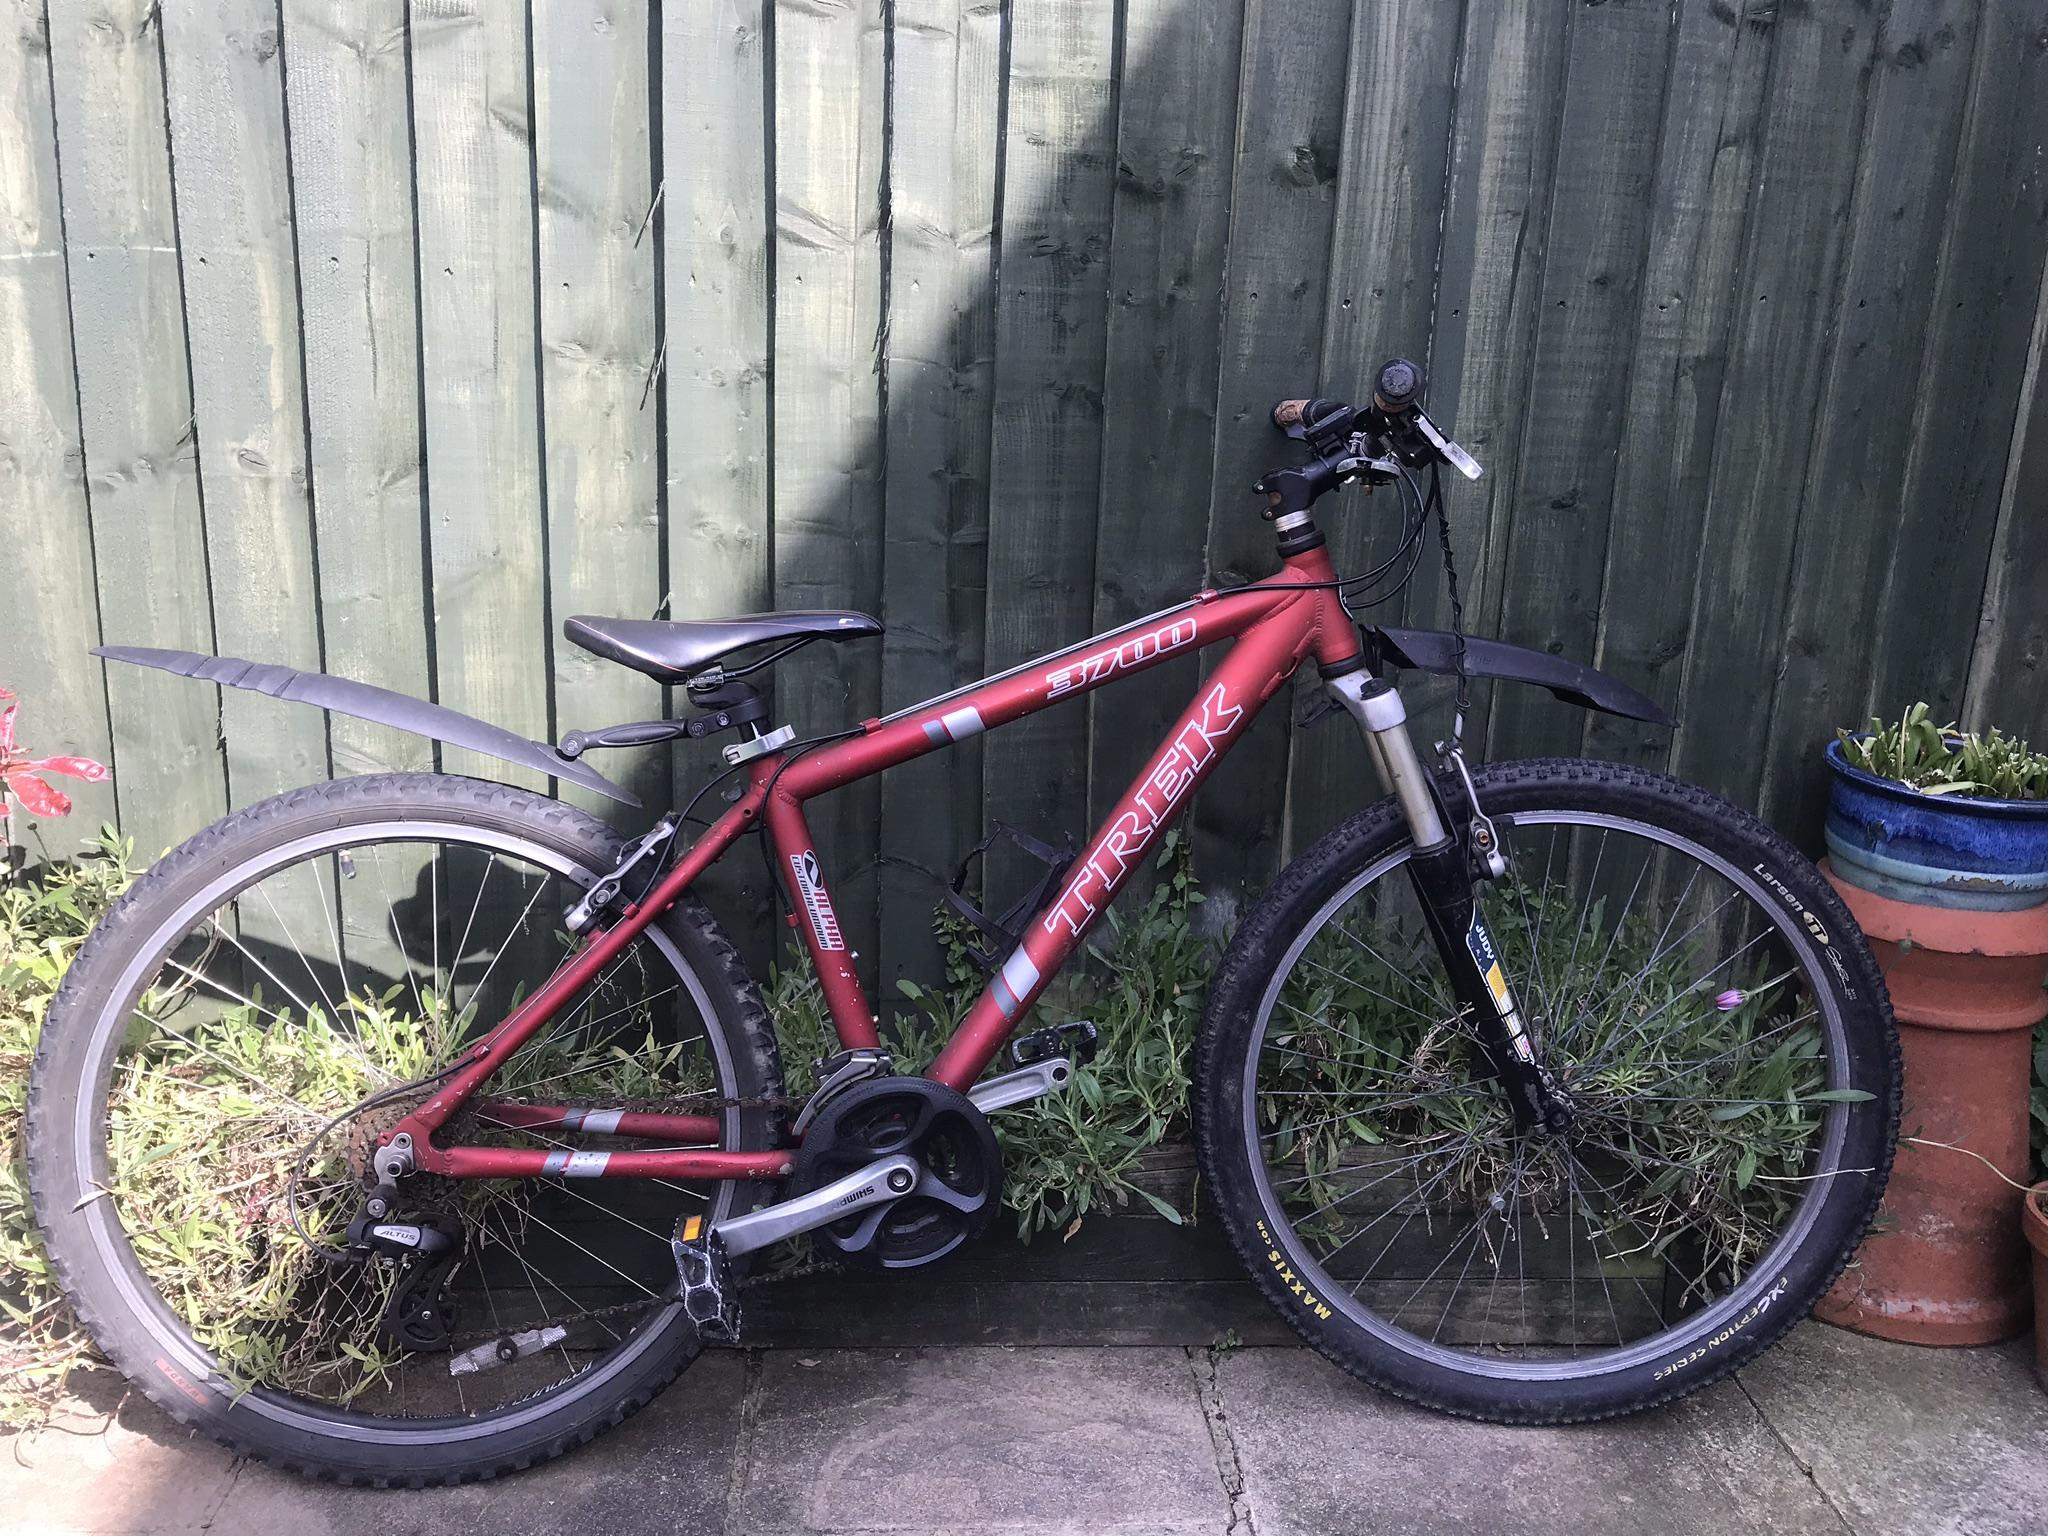 5e7e1679e42 Trek 3700 suspension Mountain Bike Kids Junior - Shanklin - Expired |  Wightbay